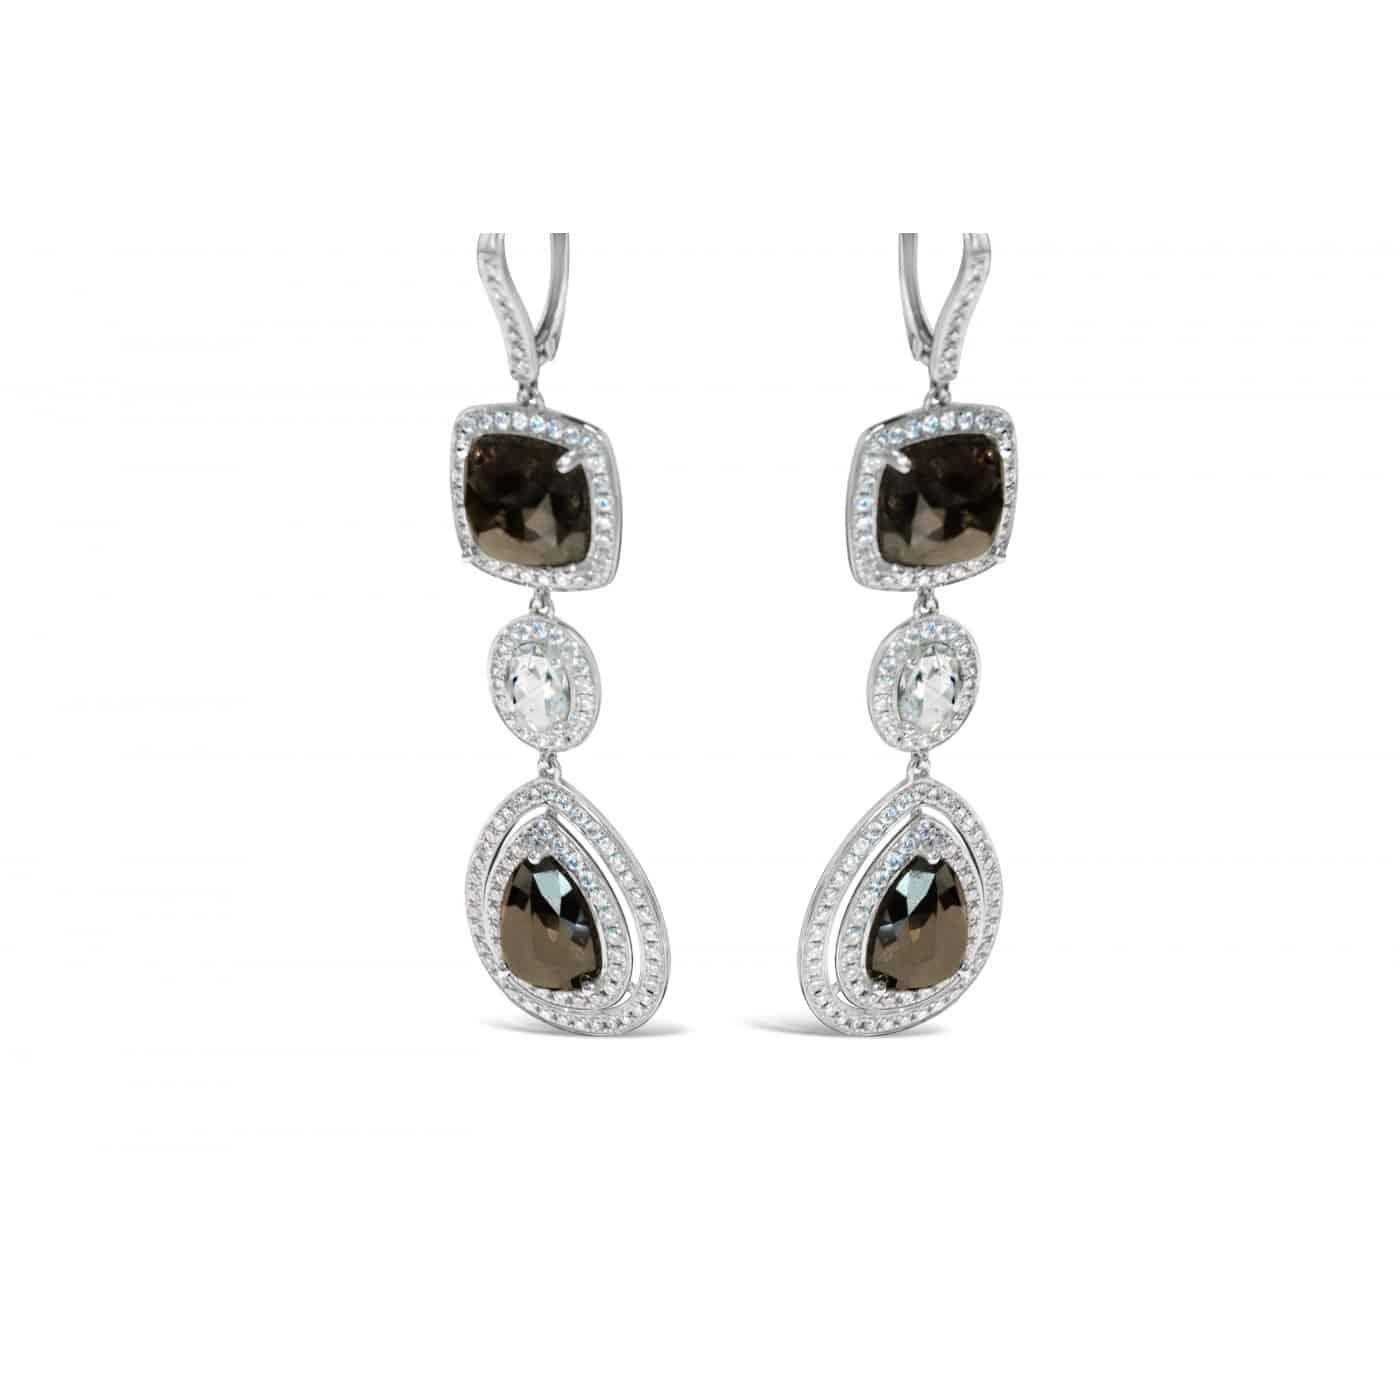 BLACK/WHITE DIAMOND EARRINGS